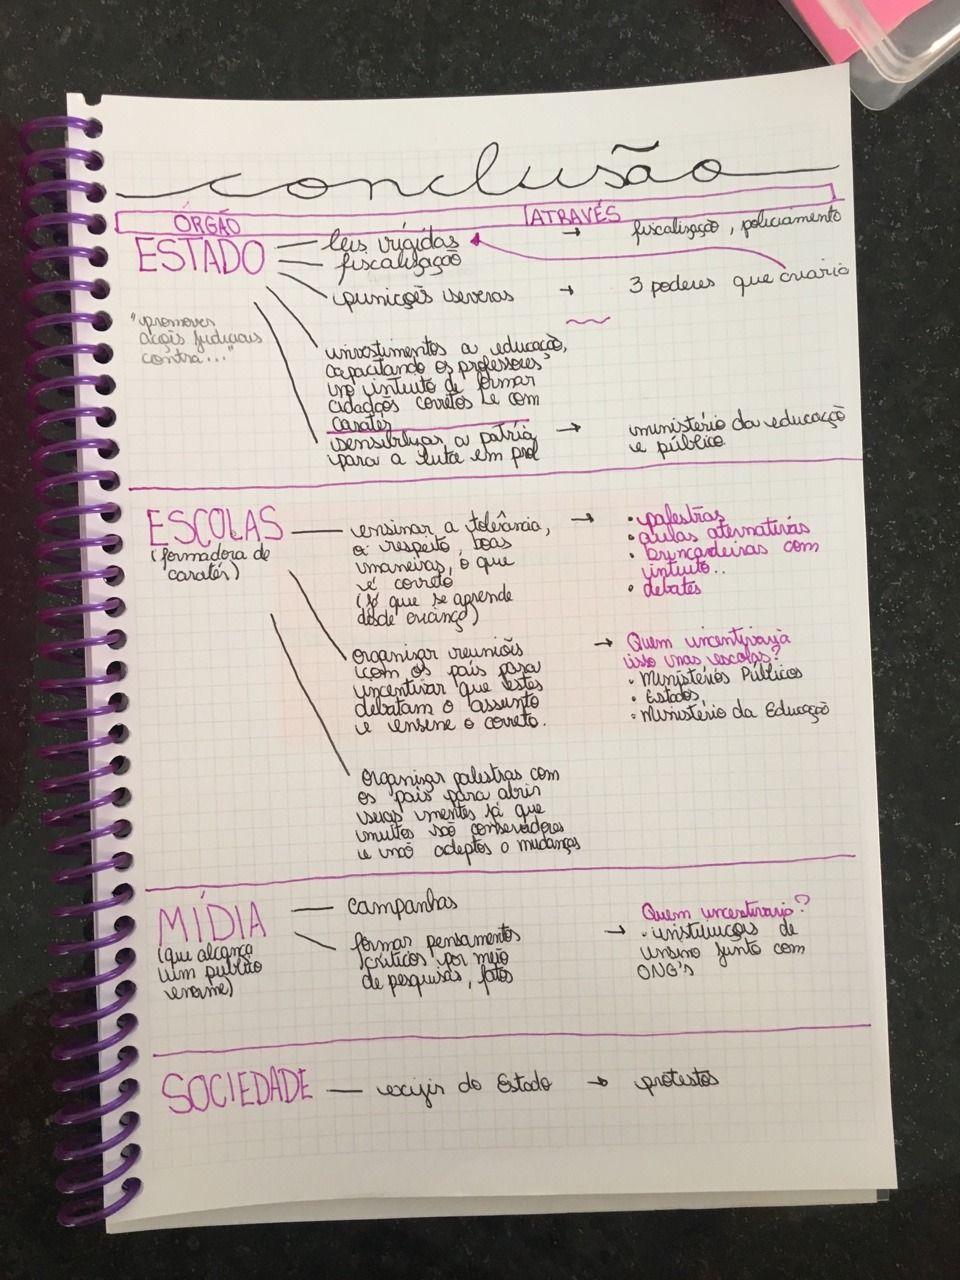 CONCLUSÃO REDAÇÃO | estudo | Conclusão redação, Estudos para o enem e Plano de estudos